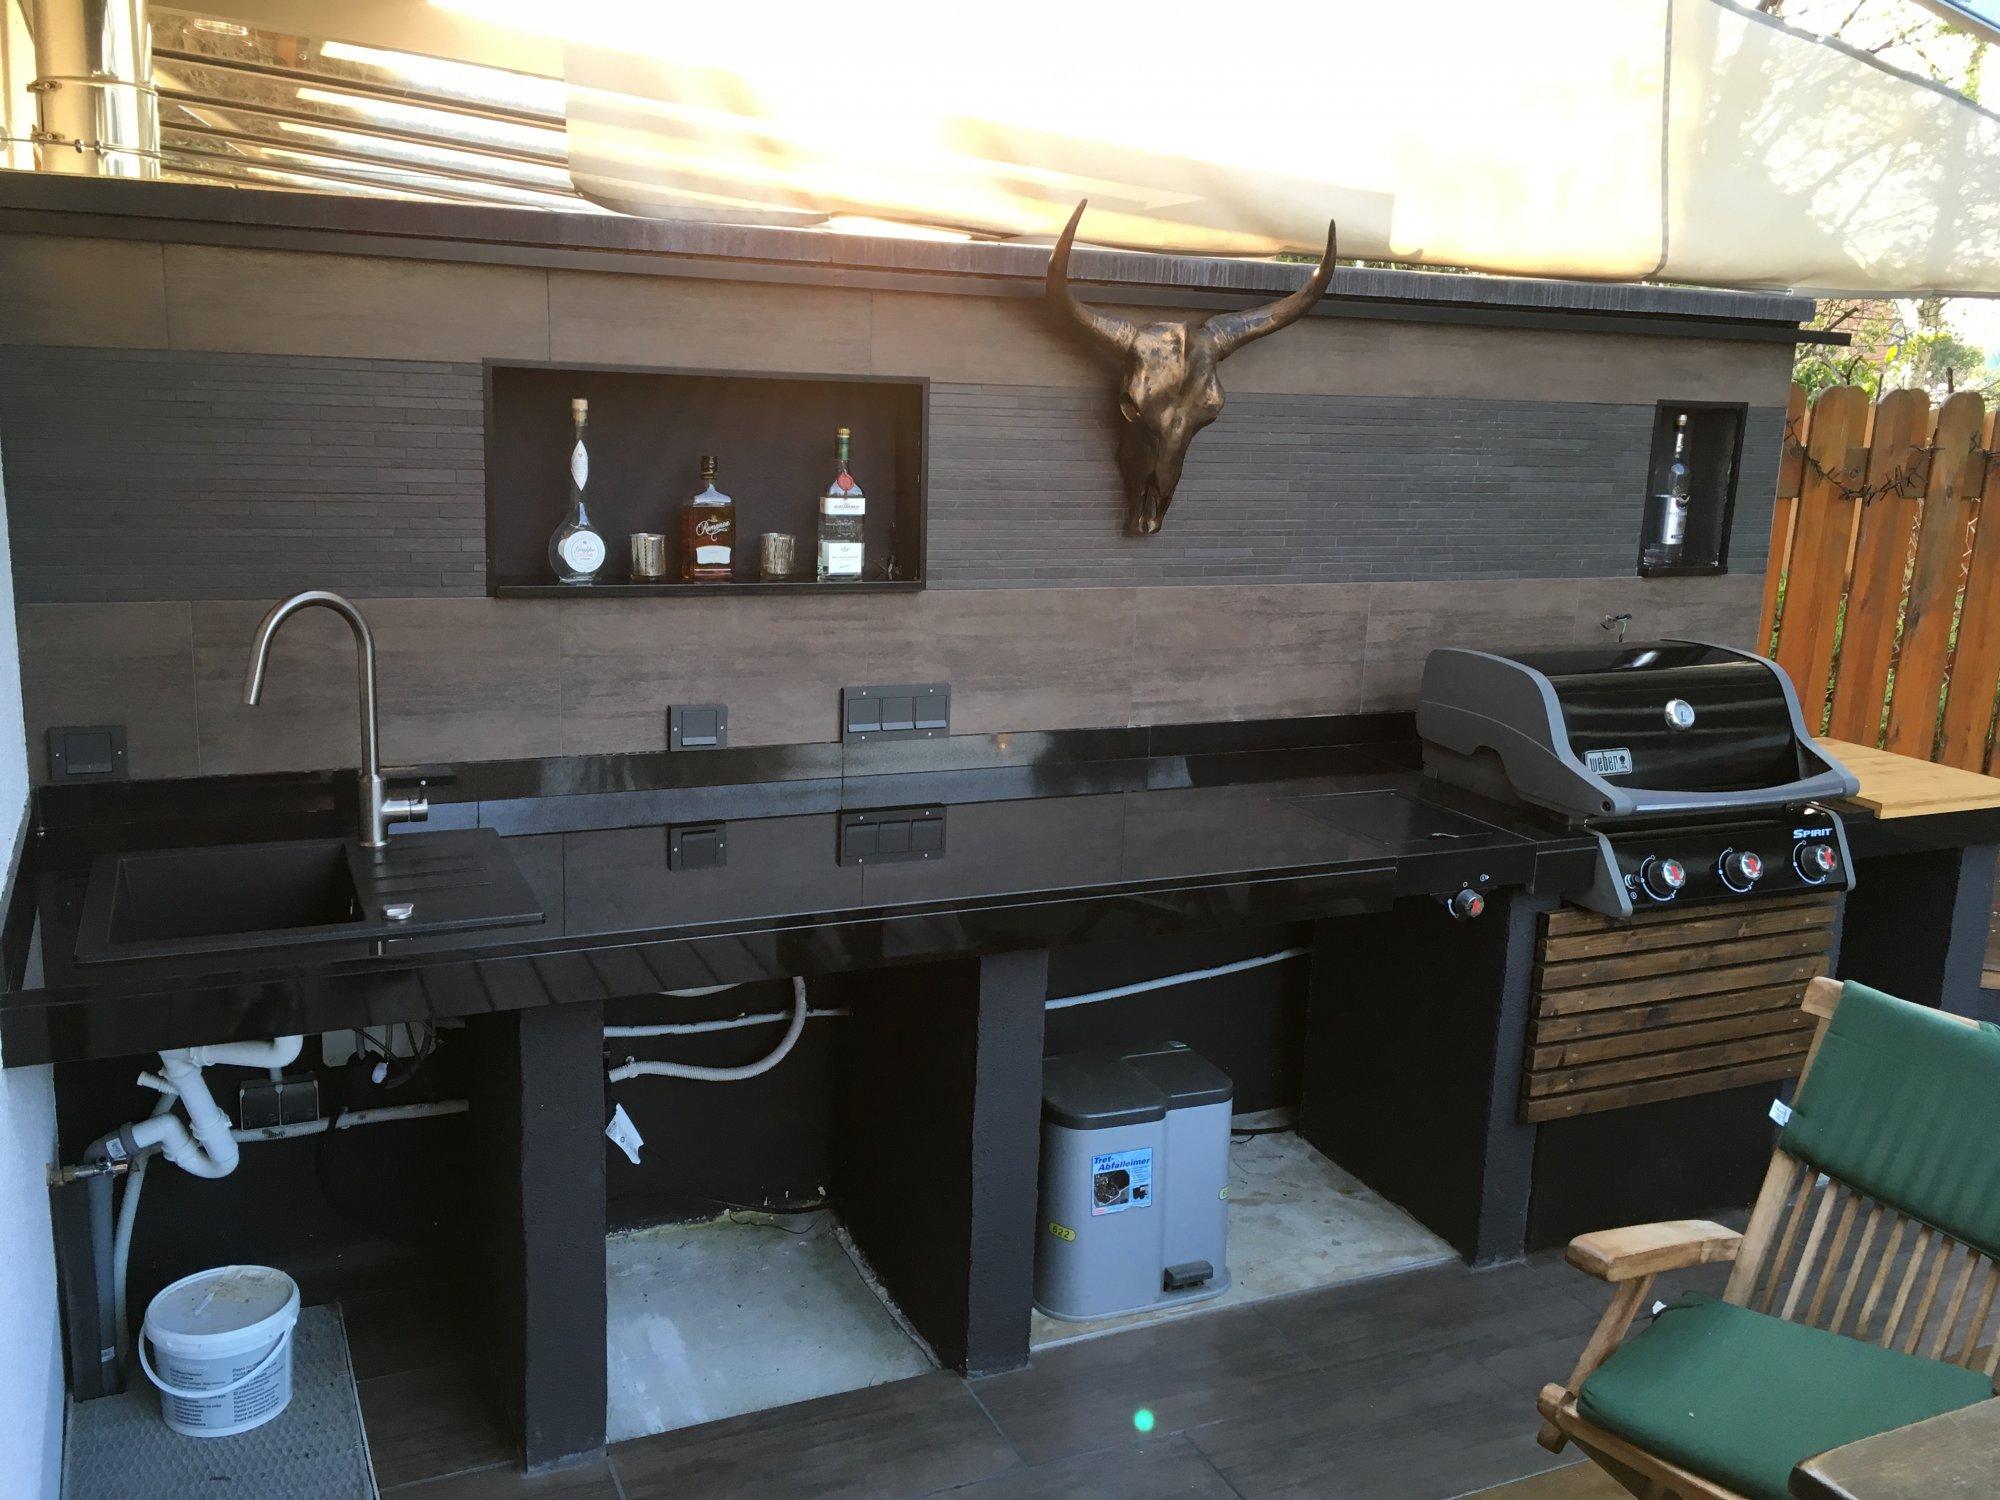 Außenküche Selber Bauen Nrw : Idee außenküche selber bauen holz lamusalatina